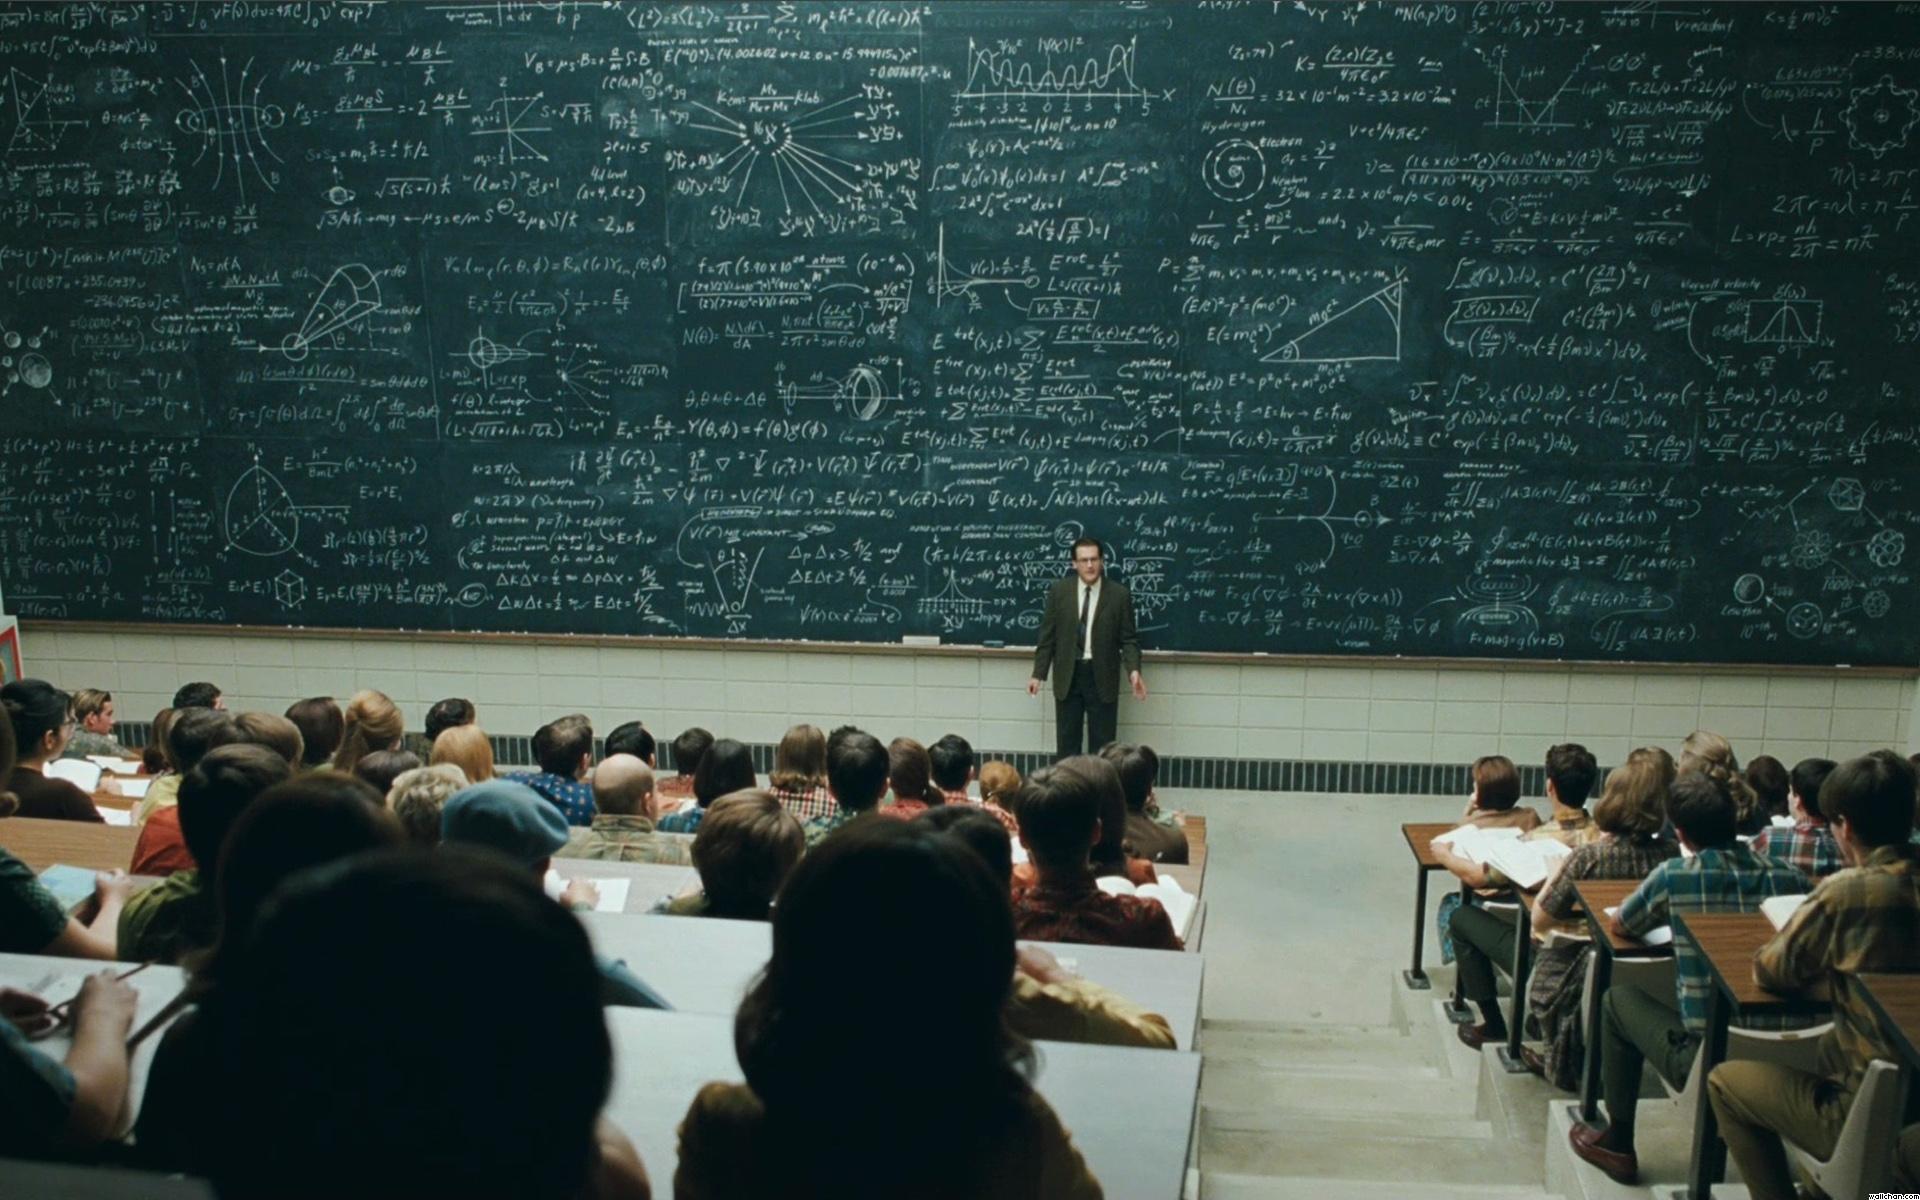 Busca tu propia respuesta. Crisis en la educación.